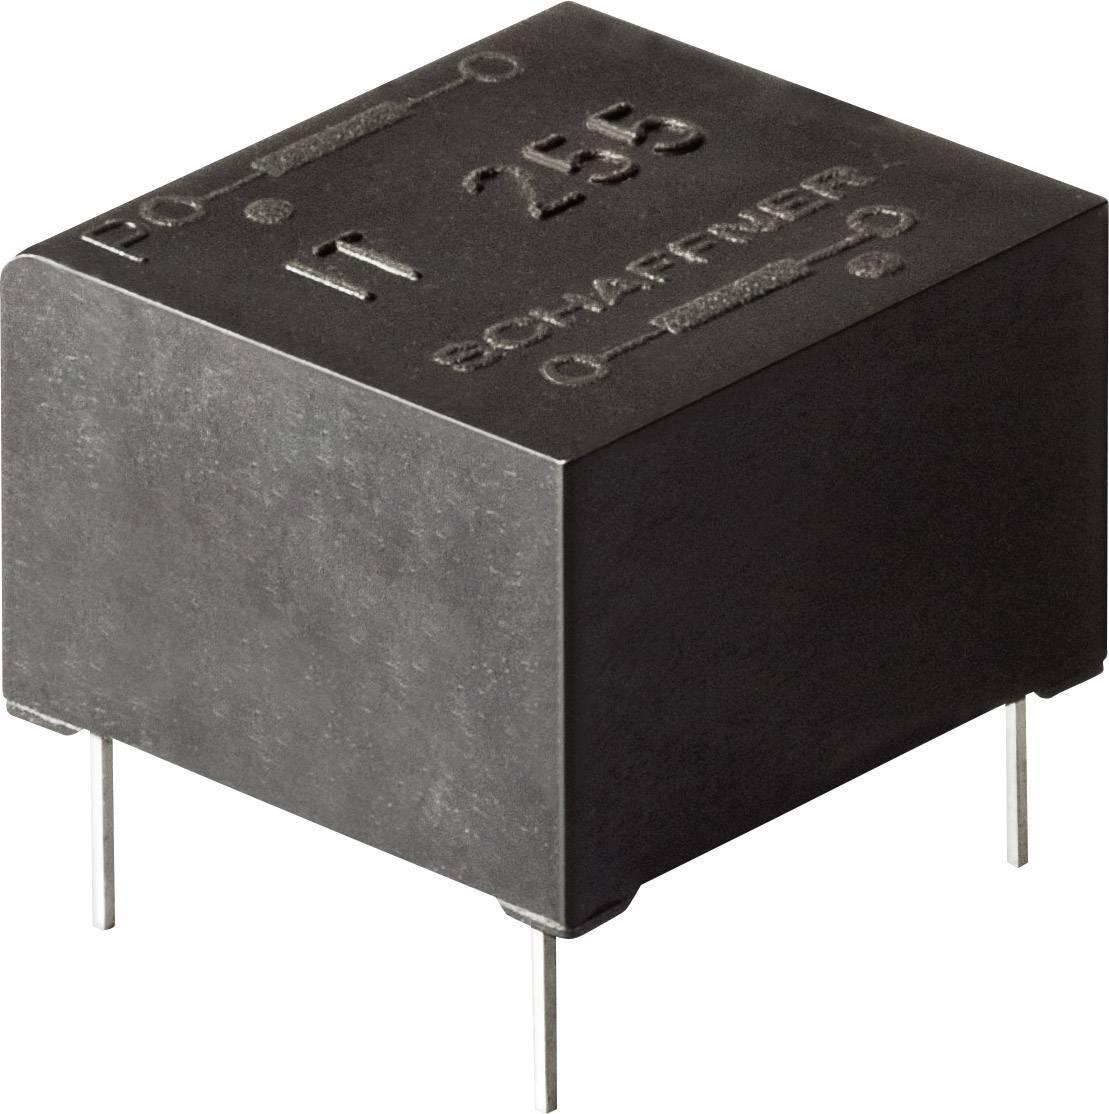 Pulzný transformátor Schaffner IT248 IT248, 3000 V, 17 mH, (d x š x v) 17.6 x 16.7 x 11.3 mm, 1 ks